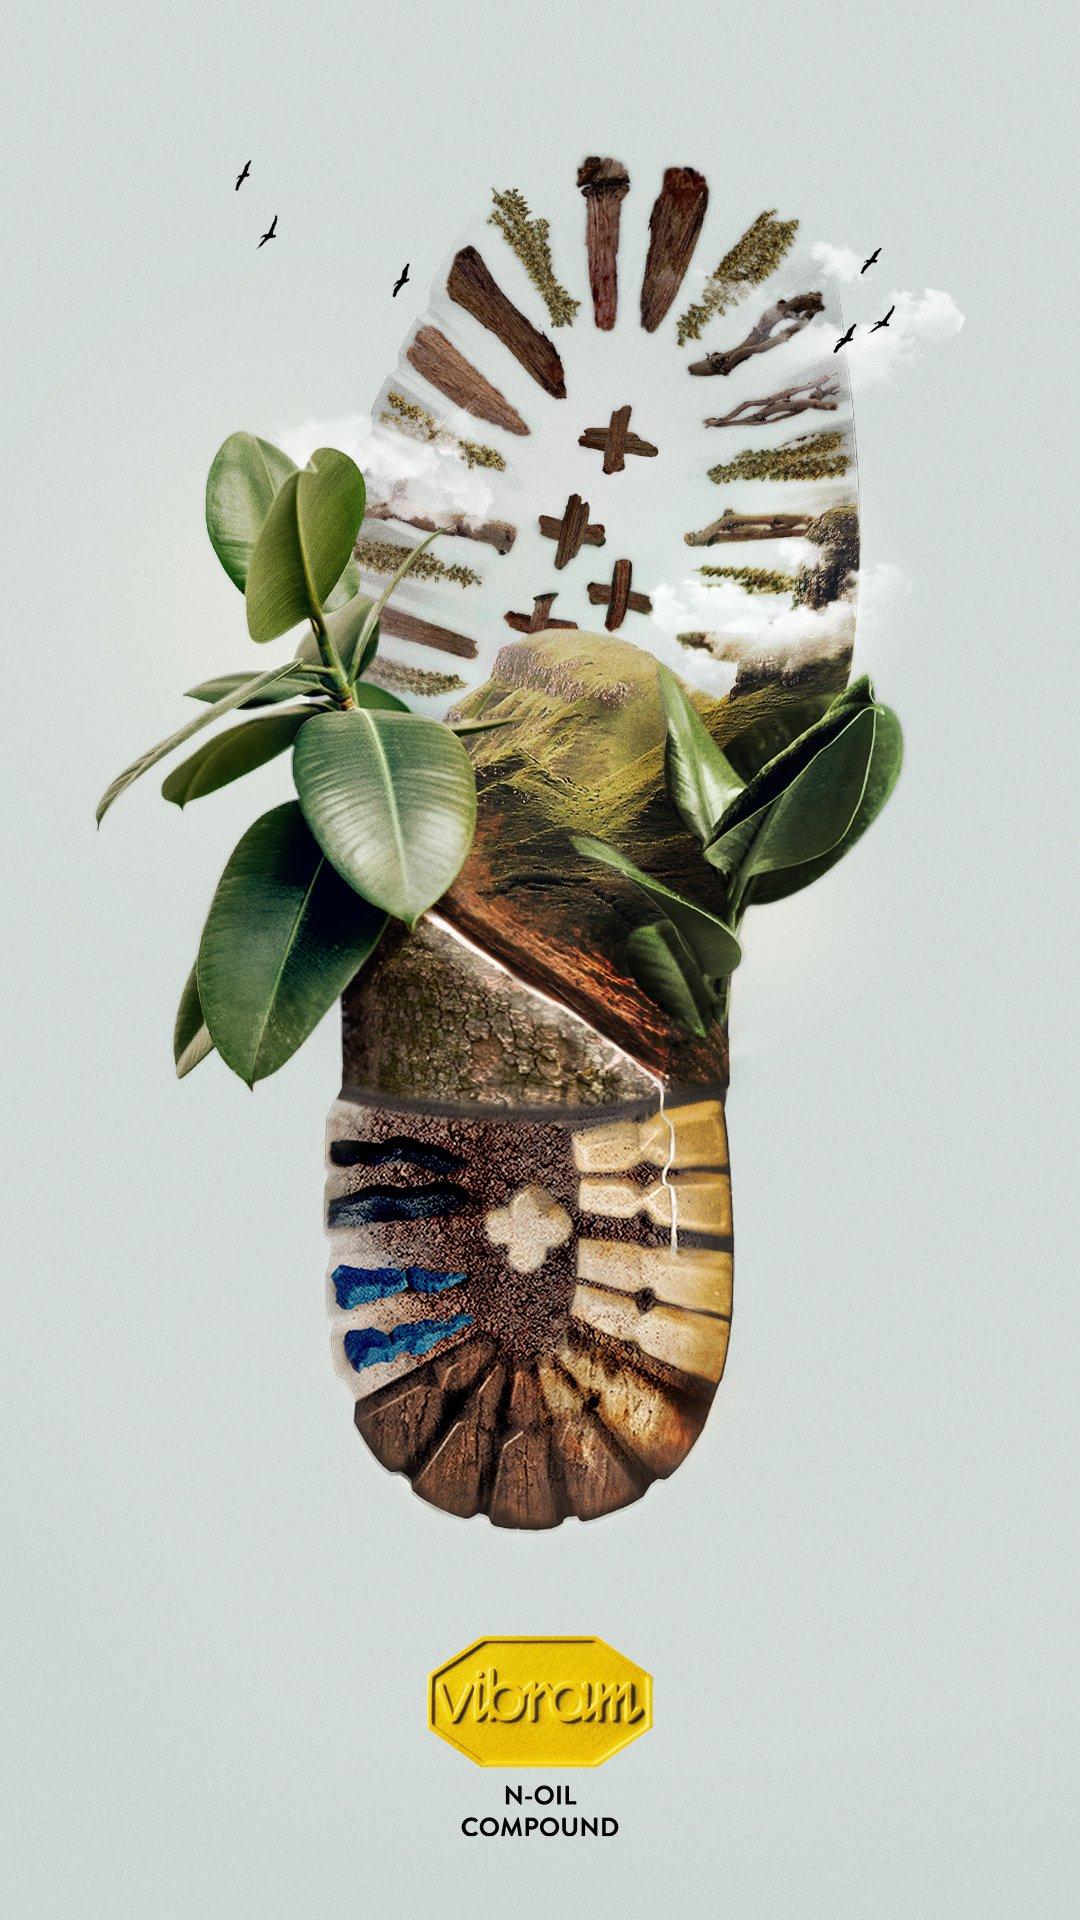 Vibram N-Oil : une semelle naturelle d'origine végétale